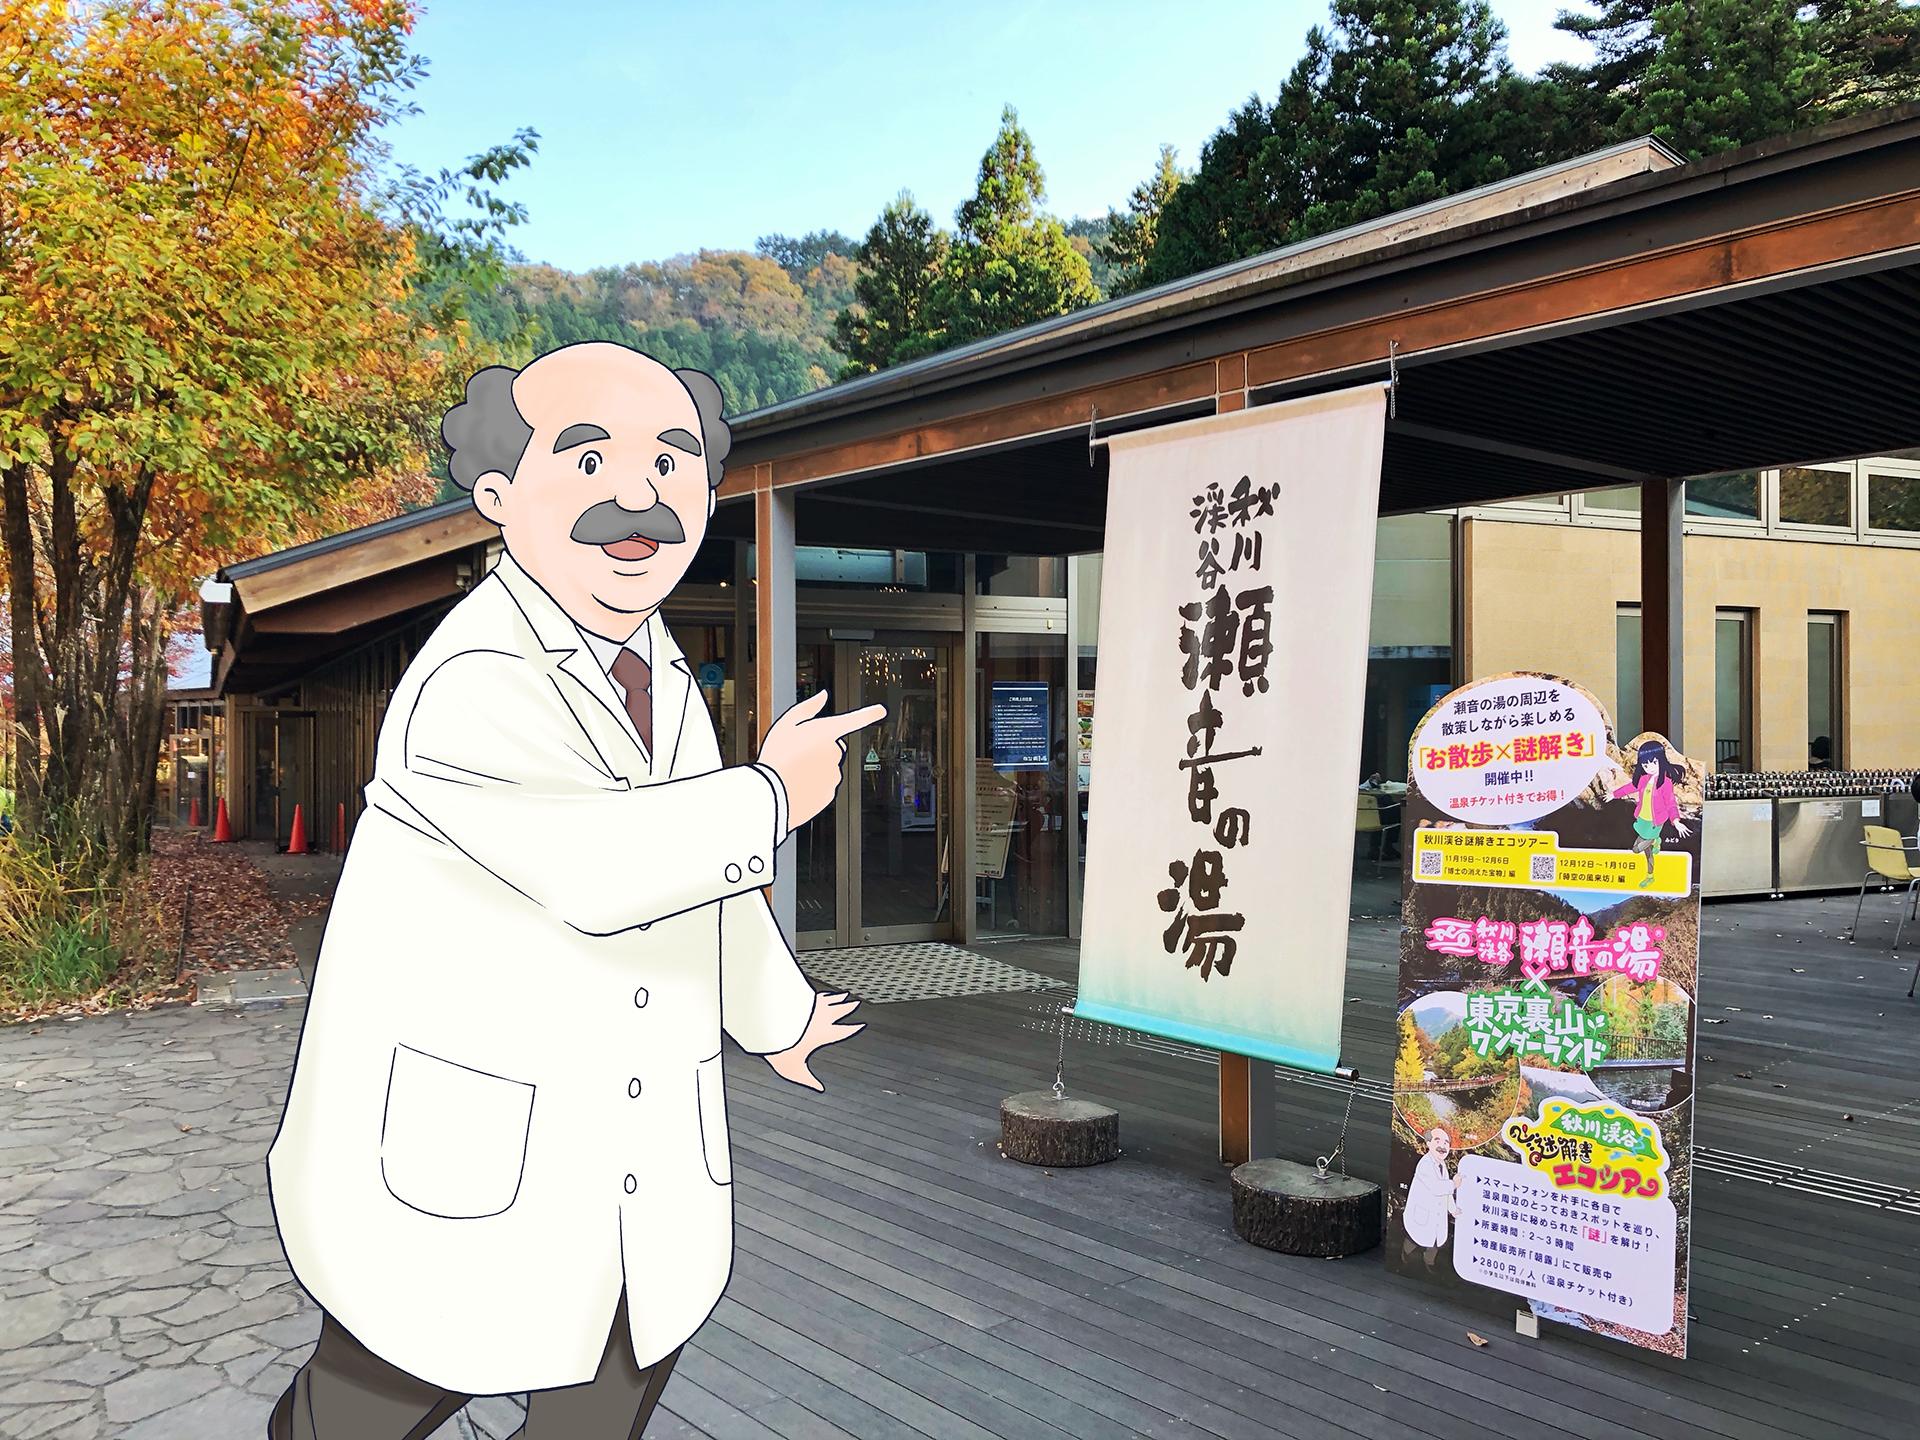 「秋川渓谷謎解きエコツアー」第3弾・温泉施設「瀬音の湯」タイアップ